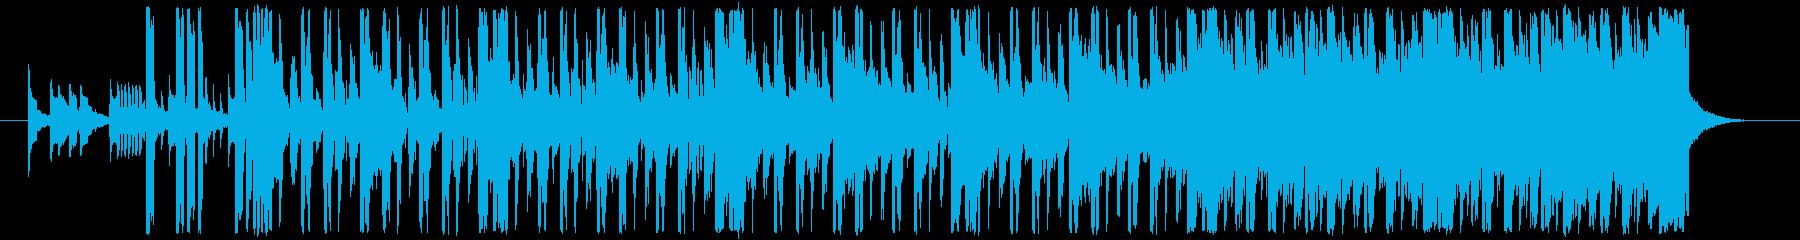 80sのエレクトロヒップホップの再生済みの波形